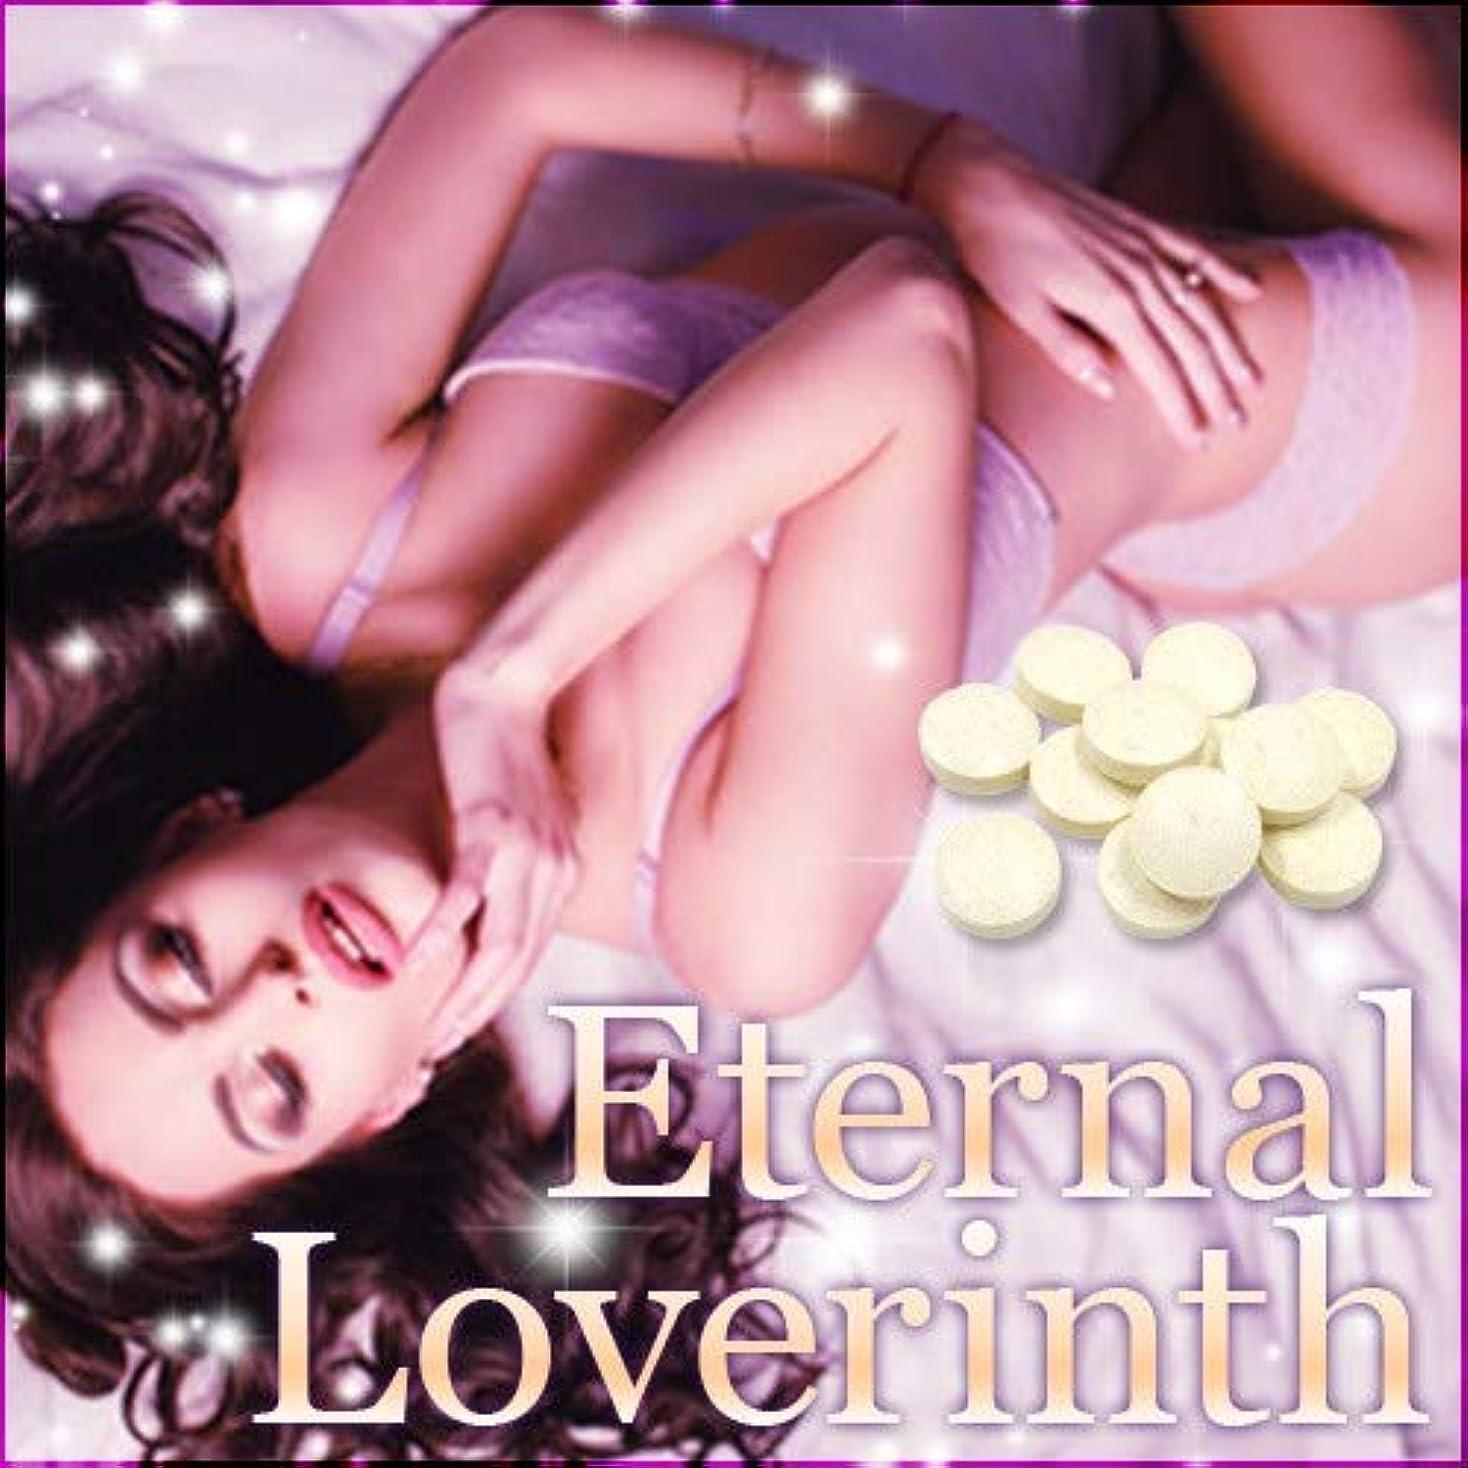 価値のない納屋寄生虫Eternal Loverinth(エターナルラブリンス)